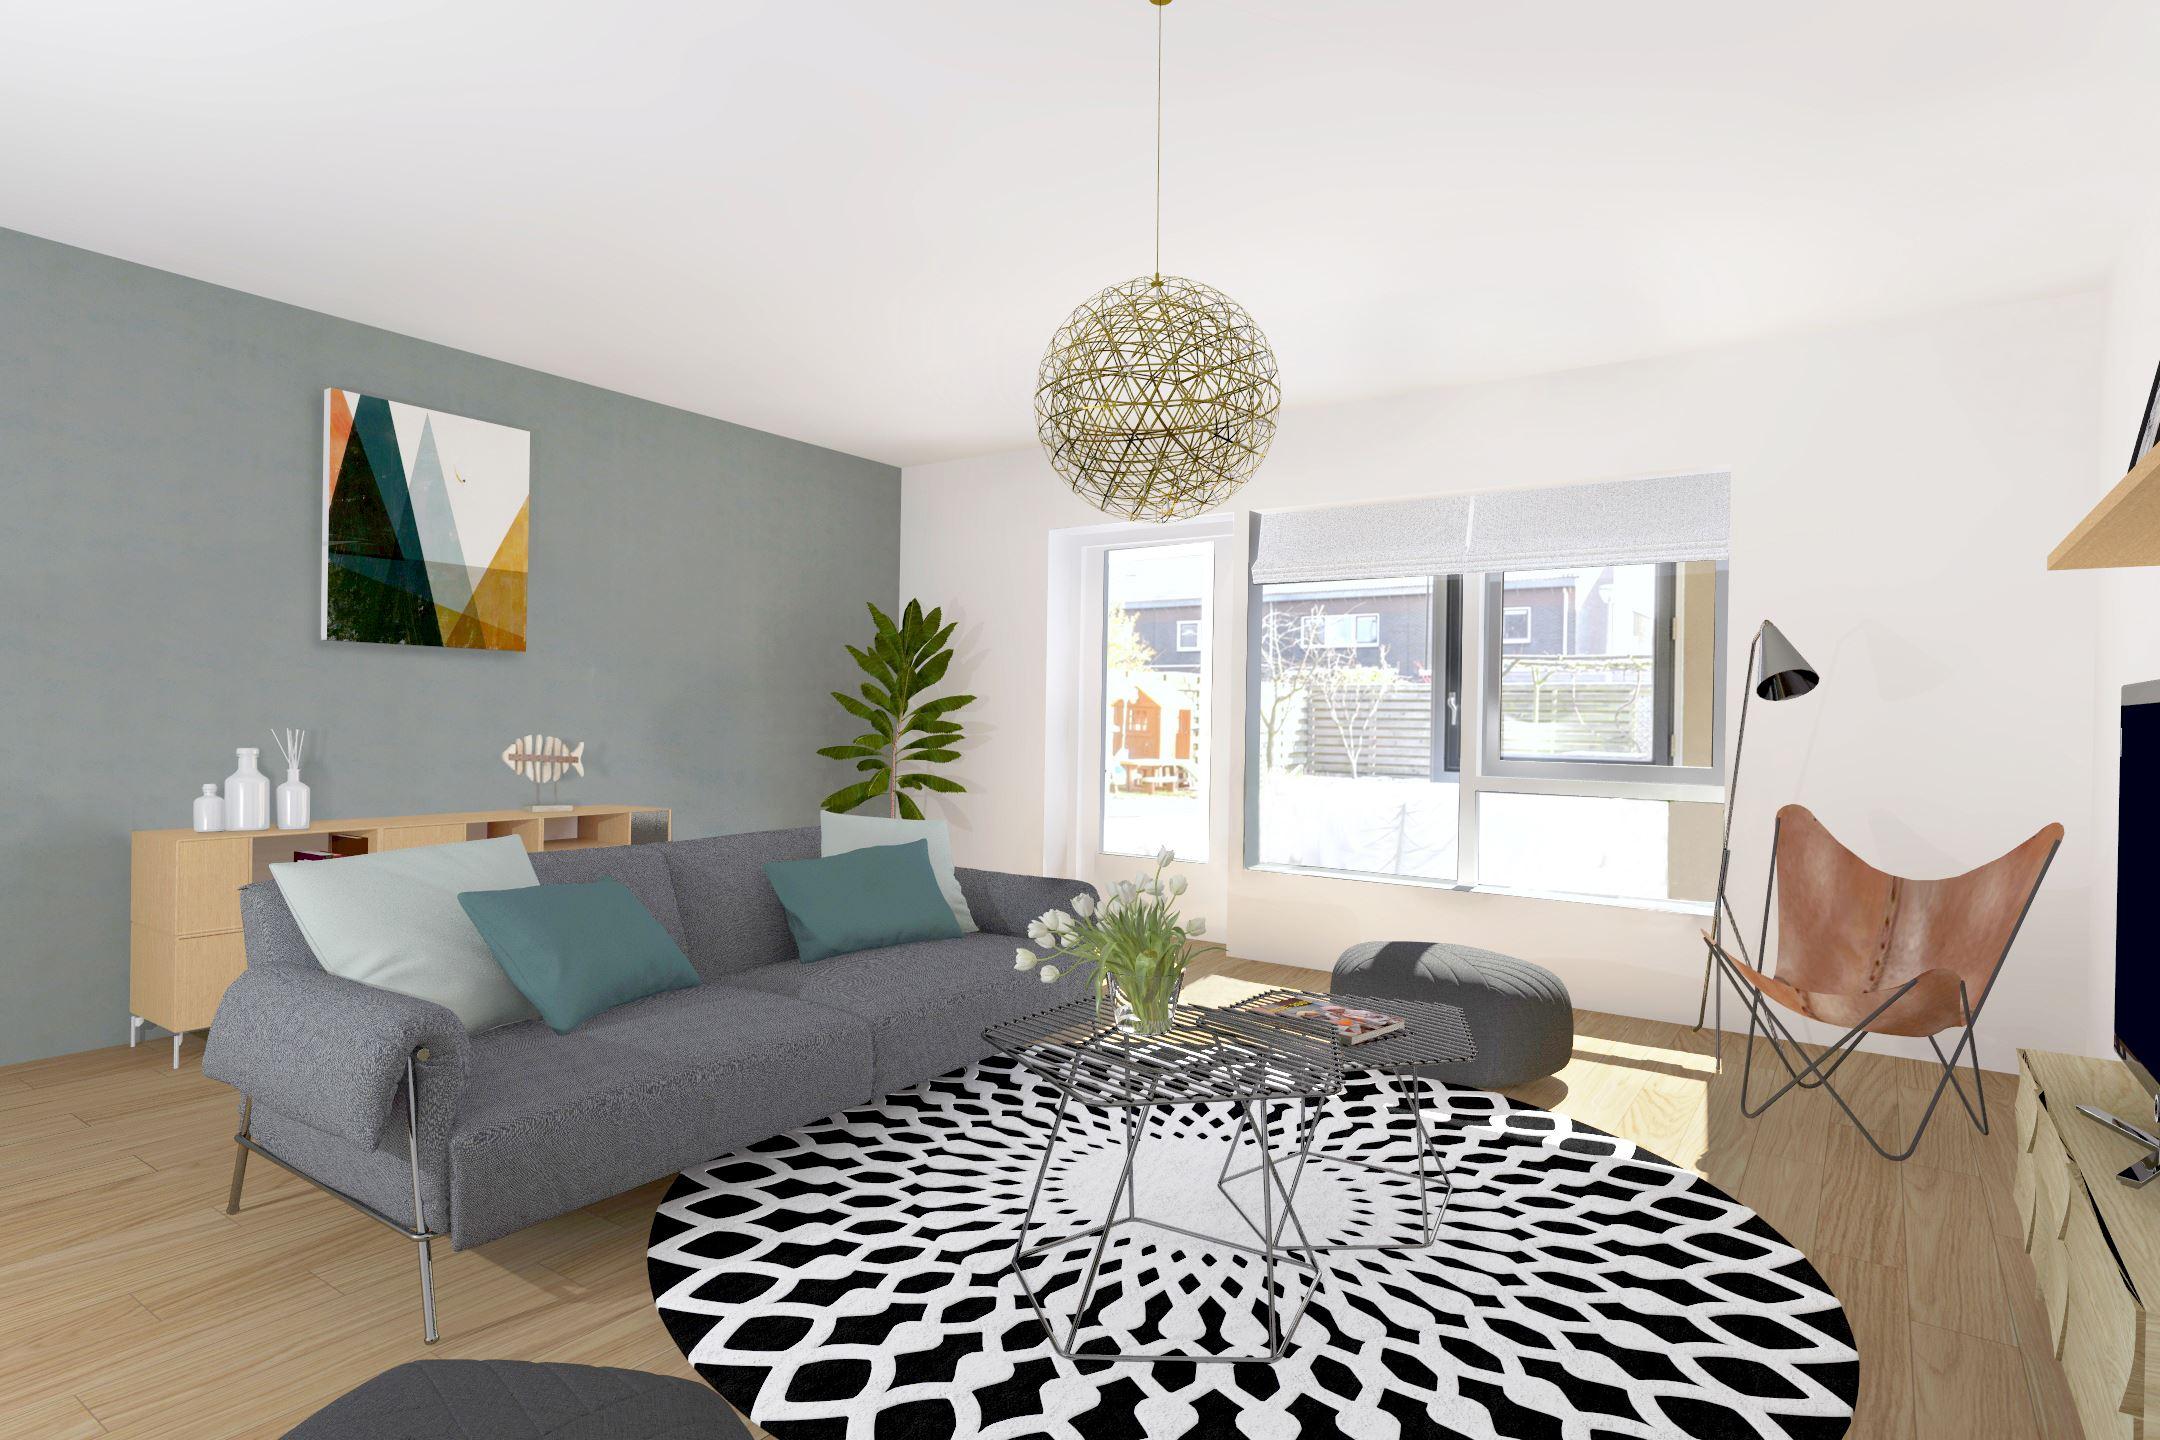 Huis te koop aletta jacobsweg 56 9408 am assen funda for Praktische indeling huis